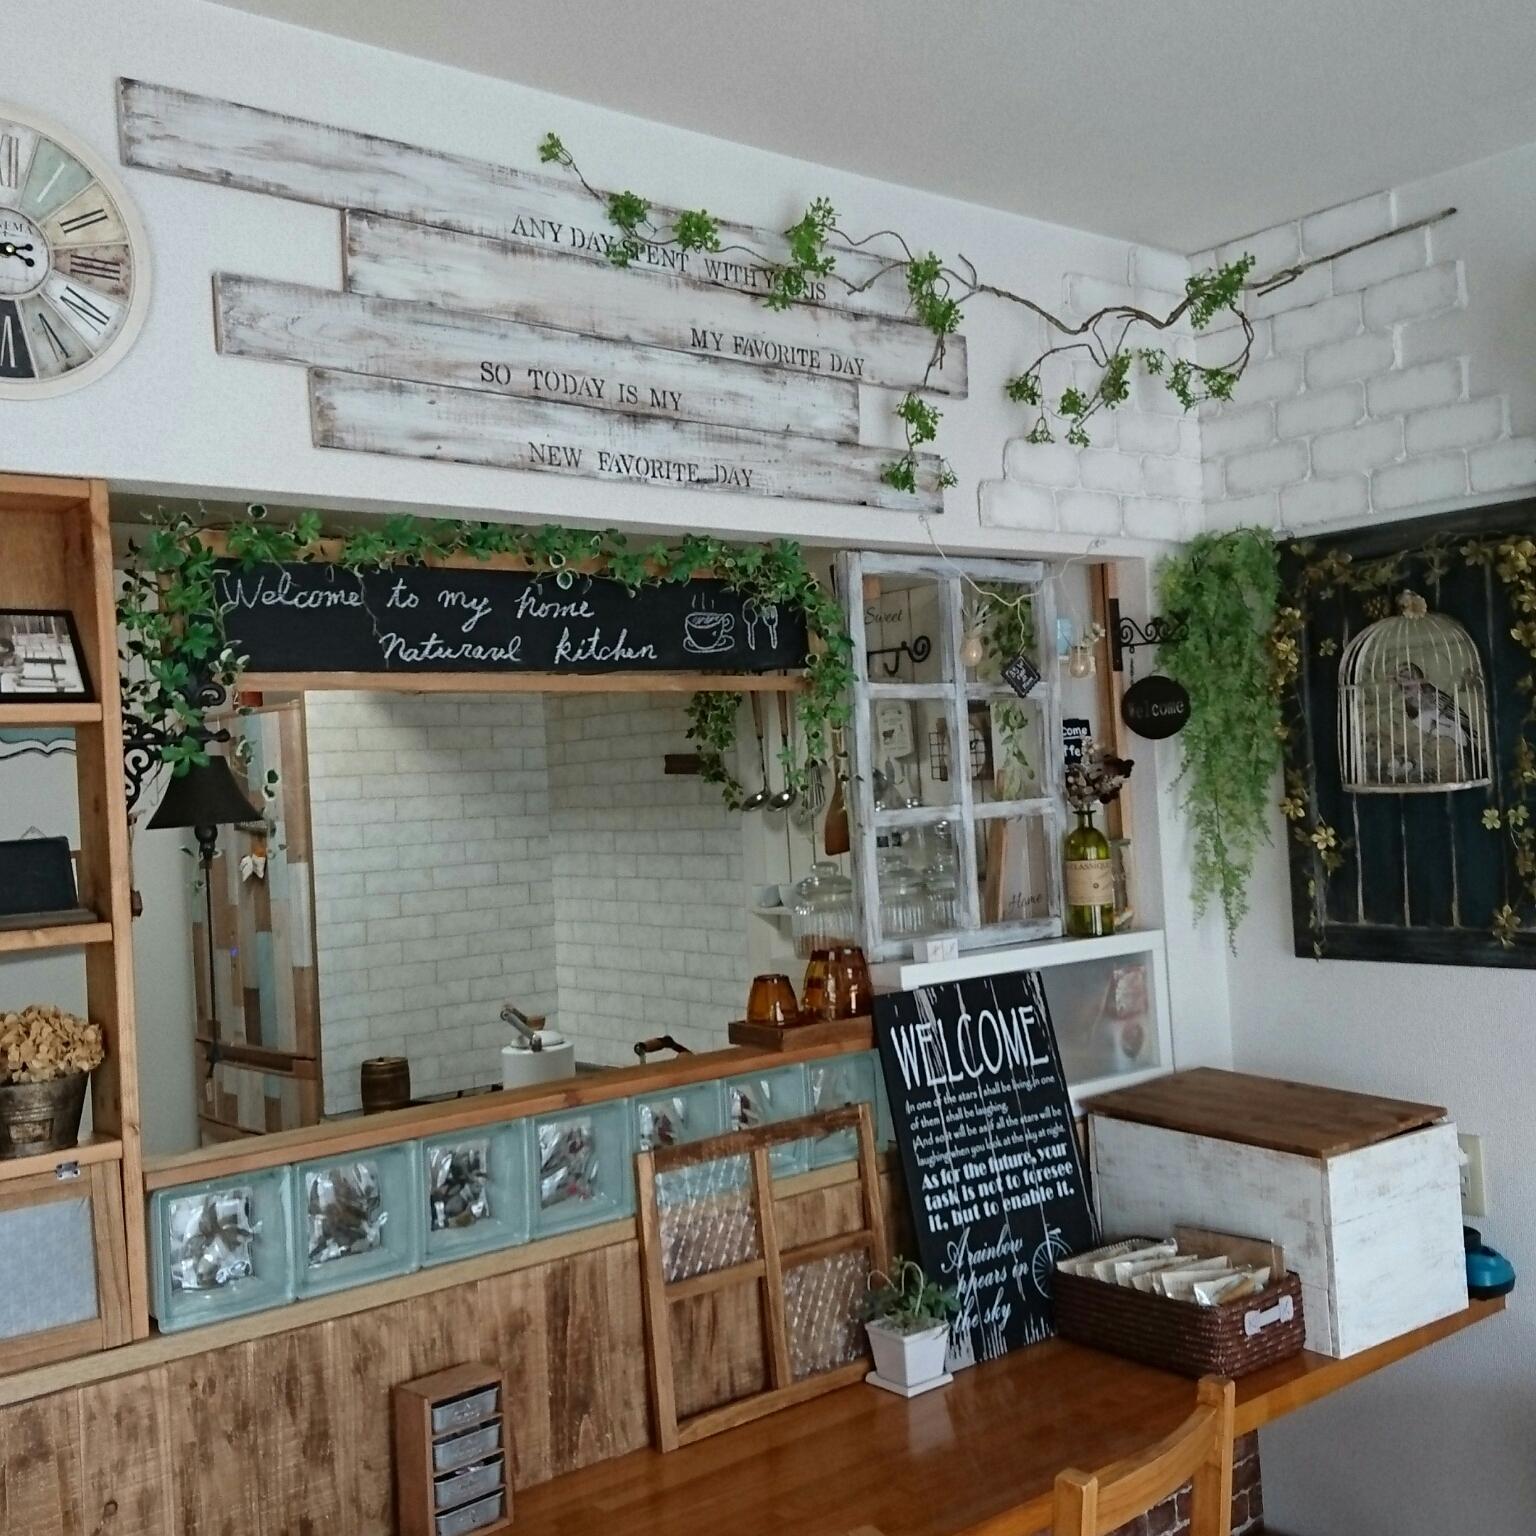 カフェ気分を味わえるカウンターキッチンの作り方 | RoomClip mag | 暮らしとインテリアのwebマガジン